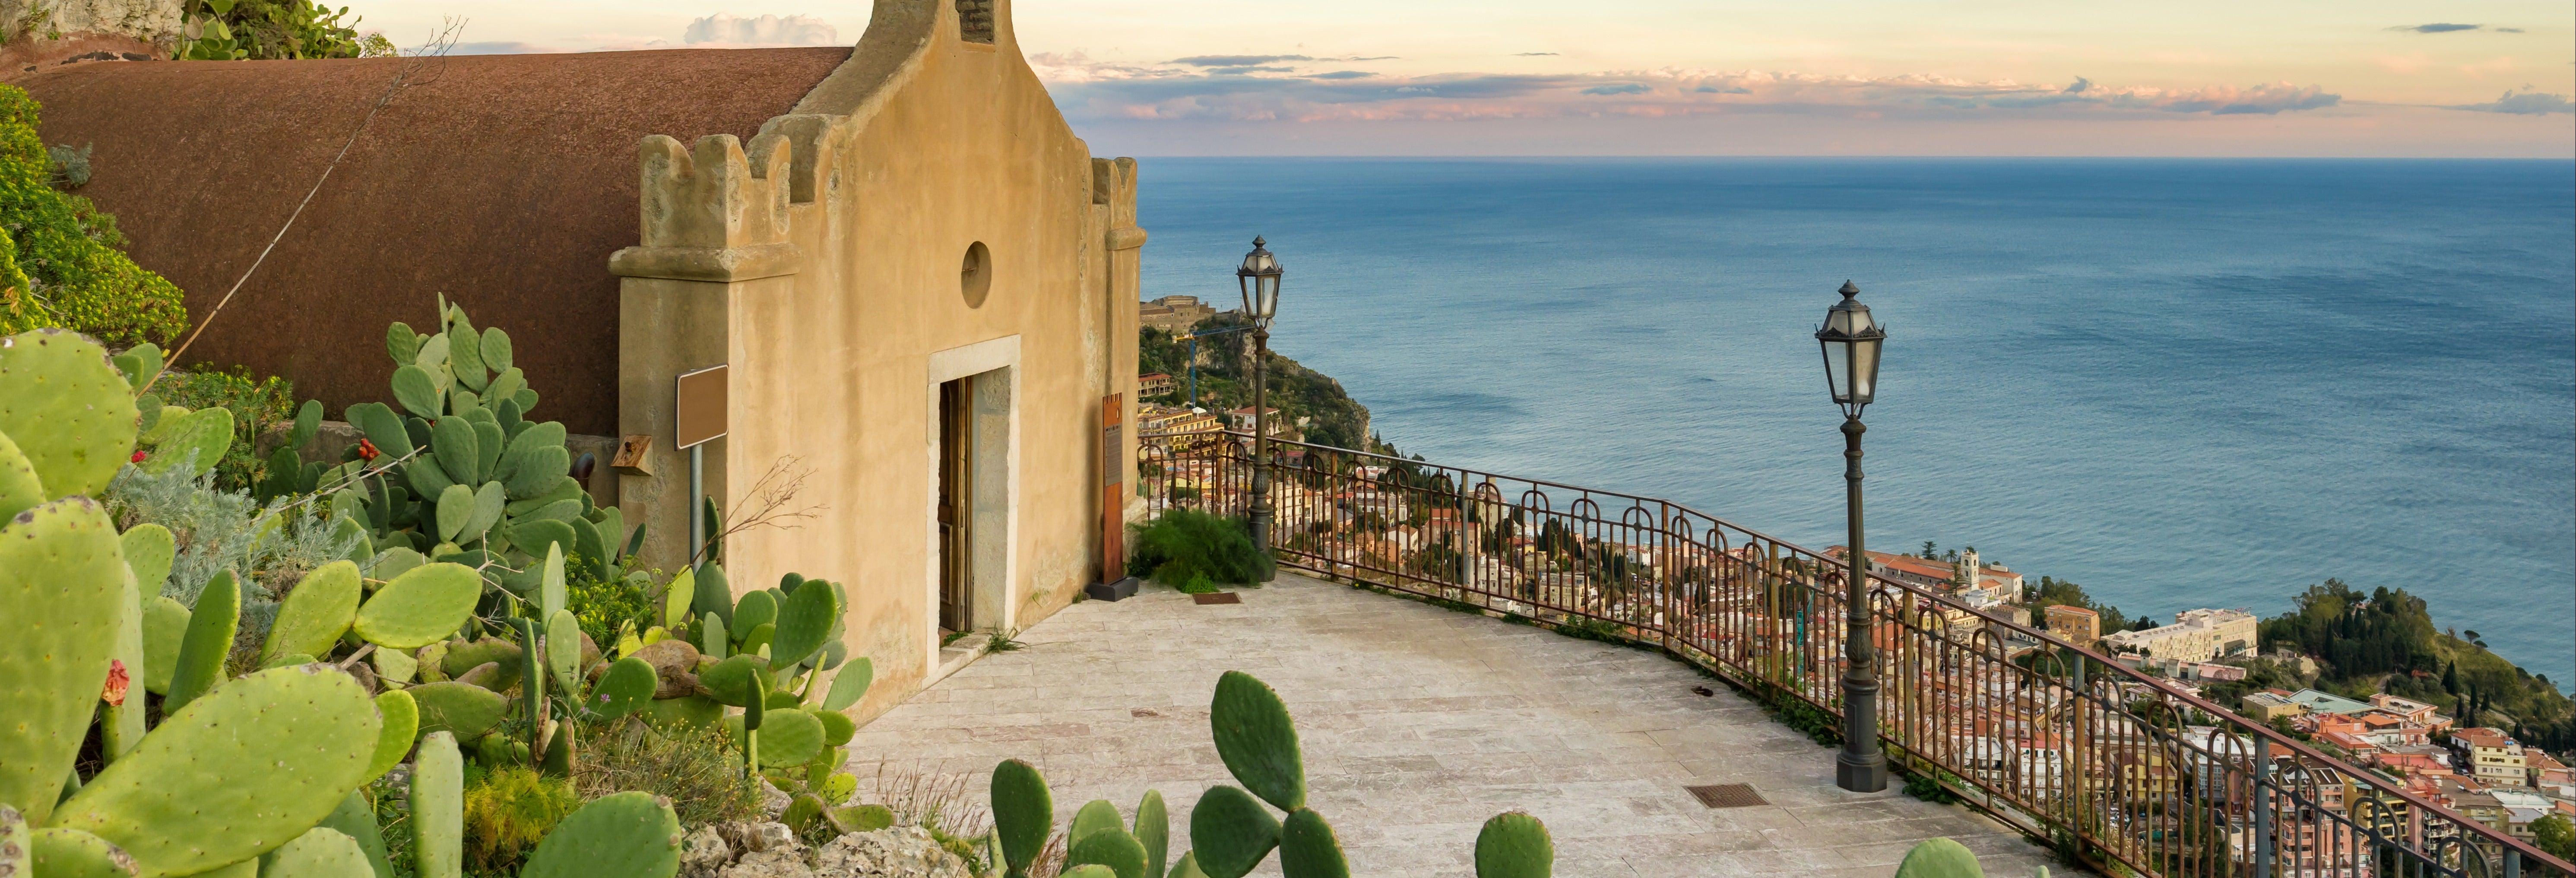 Giardini Naxos, Taormina & Castelmola Excursion